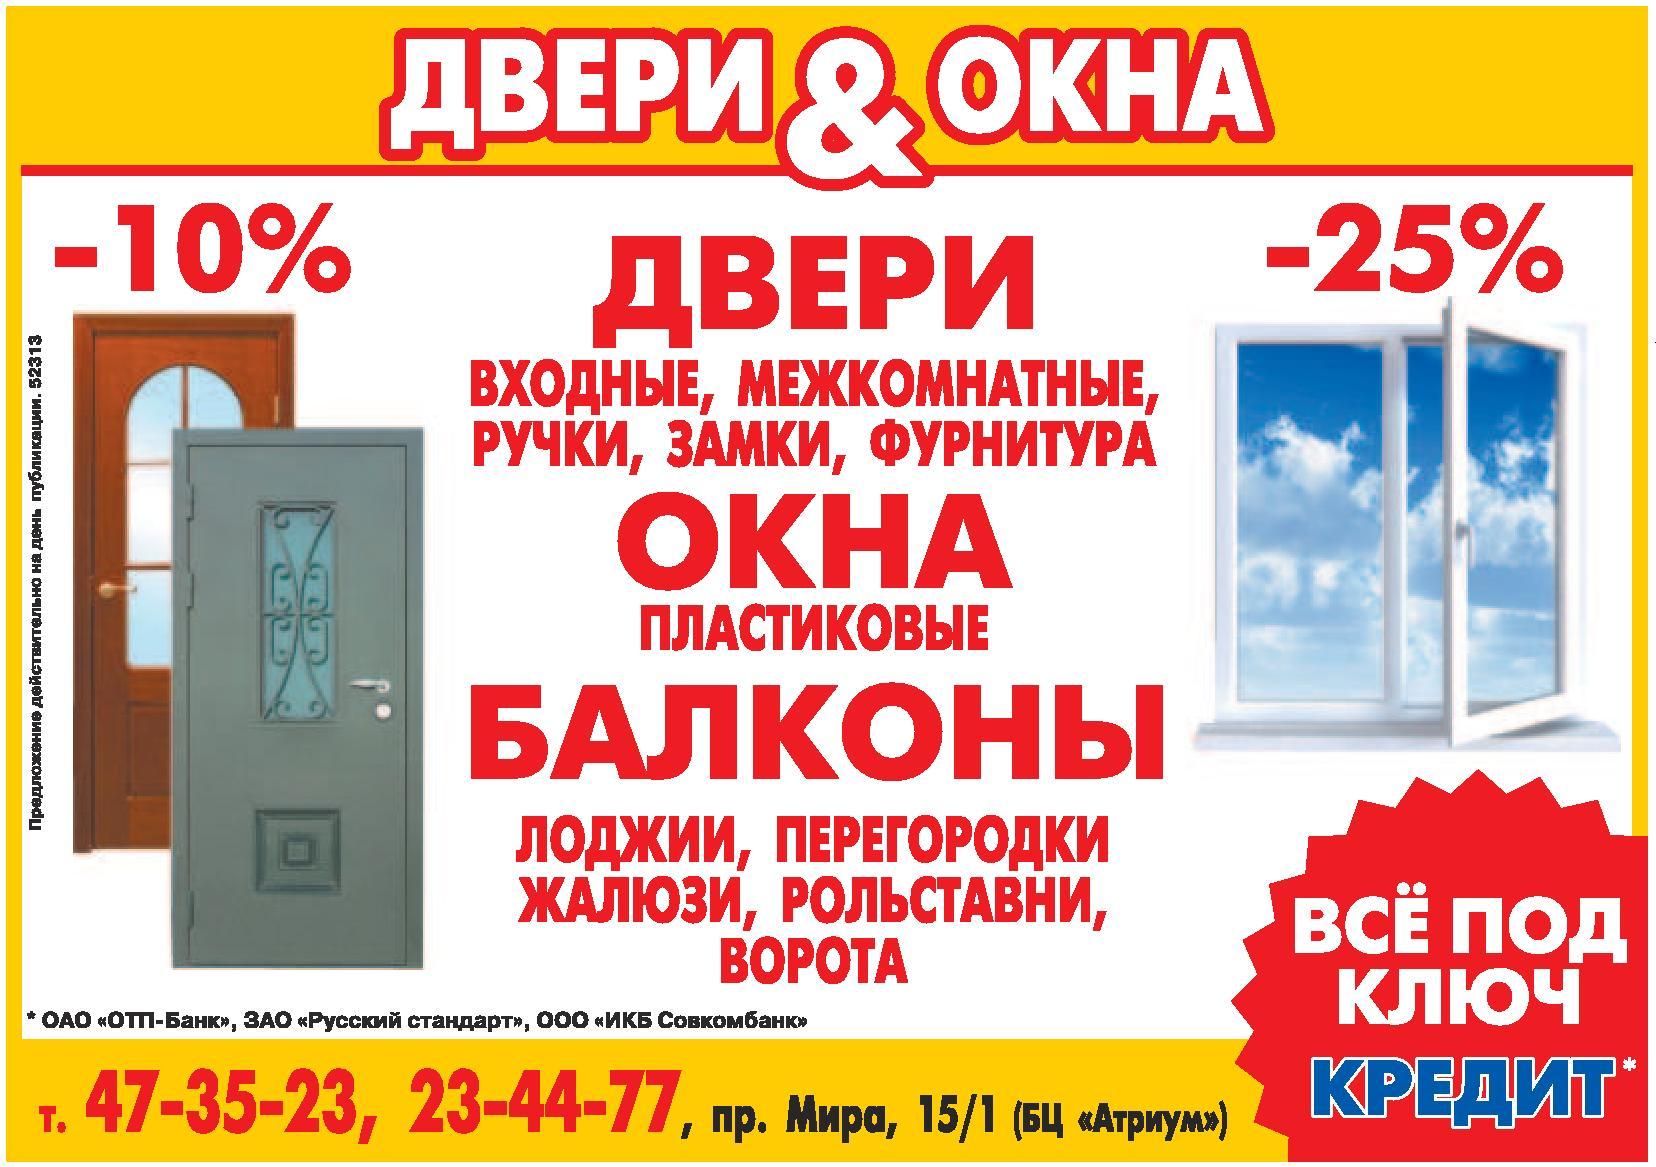 Виды рекламных листовок по продажи пластиковых окон altalogo.